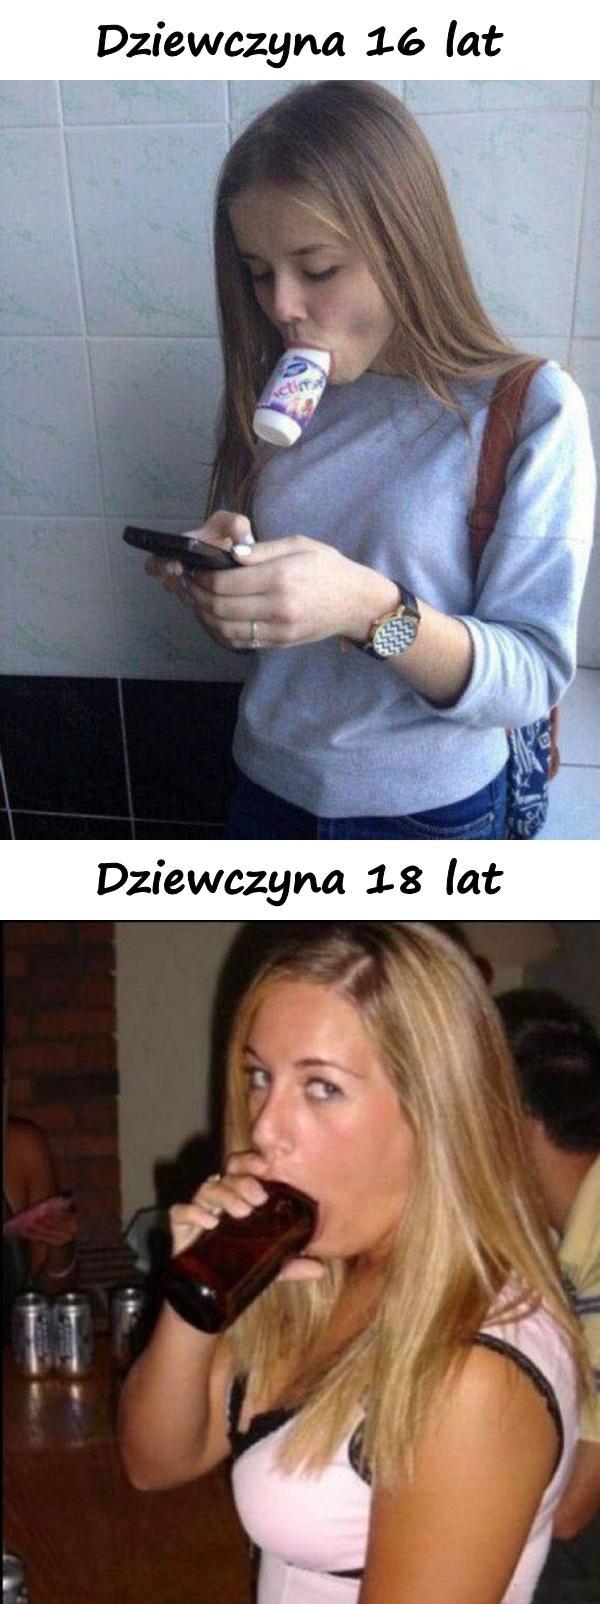 Dziewczyna 16 lat vs. dziewczyna 18 lat